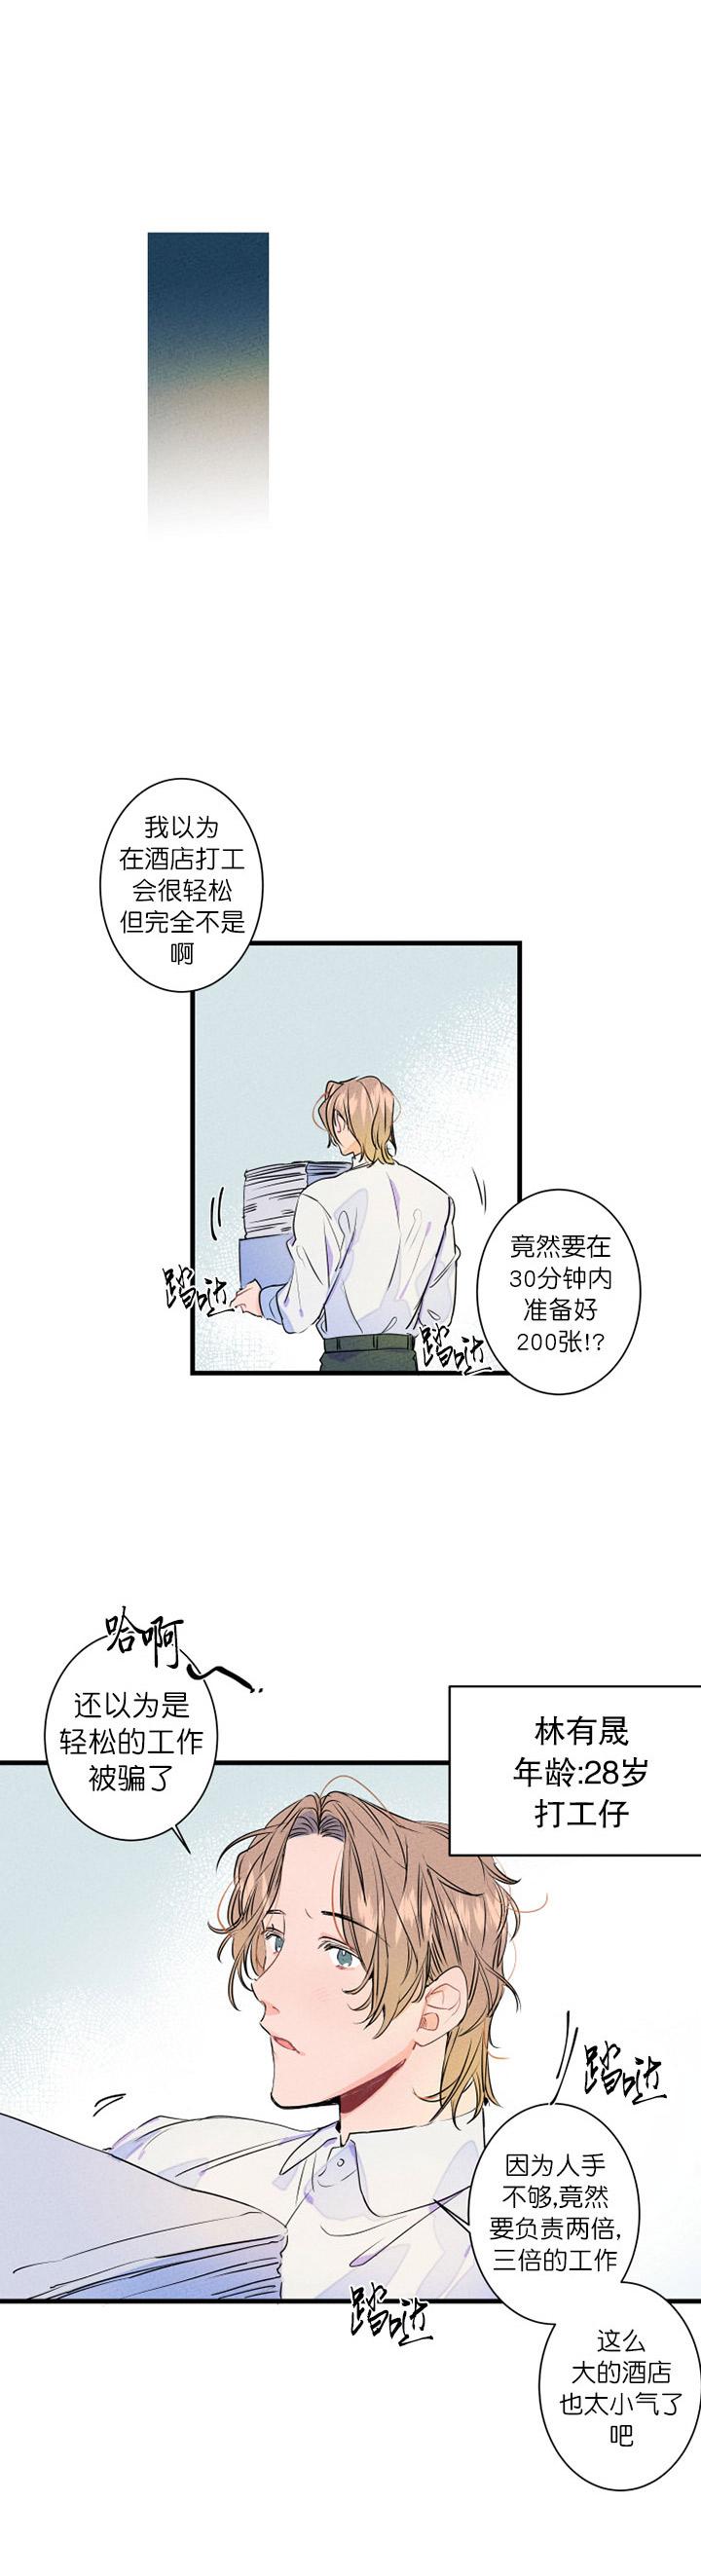 结婚?可以啊!-漫画下拉式在线阅读_最新连载更新至21话-啵乐漫画